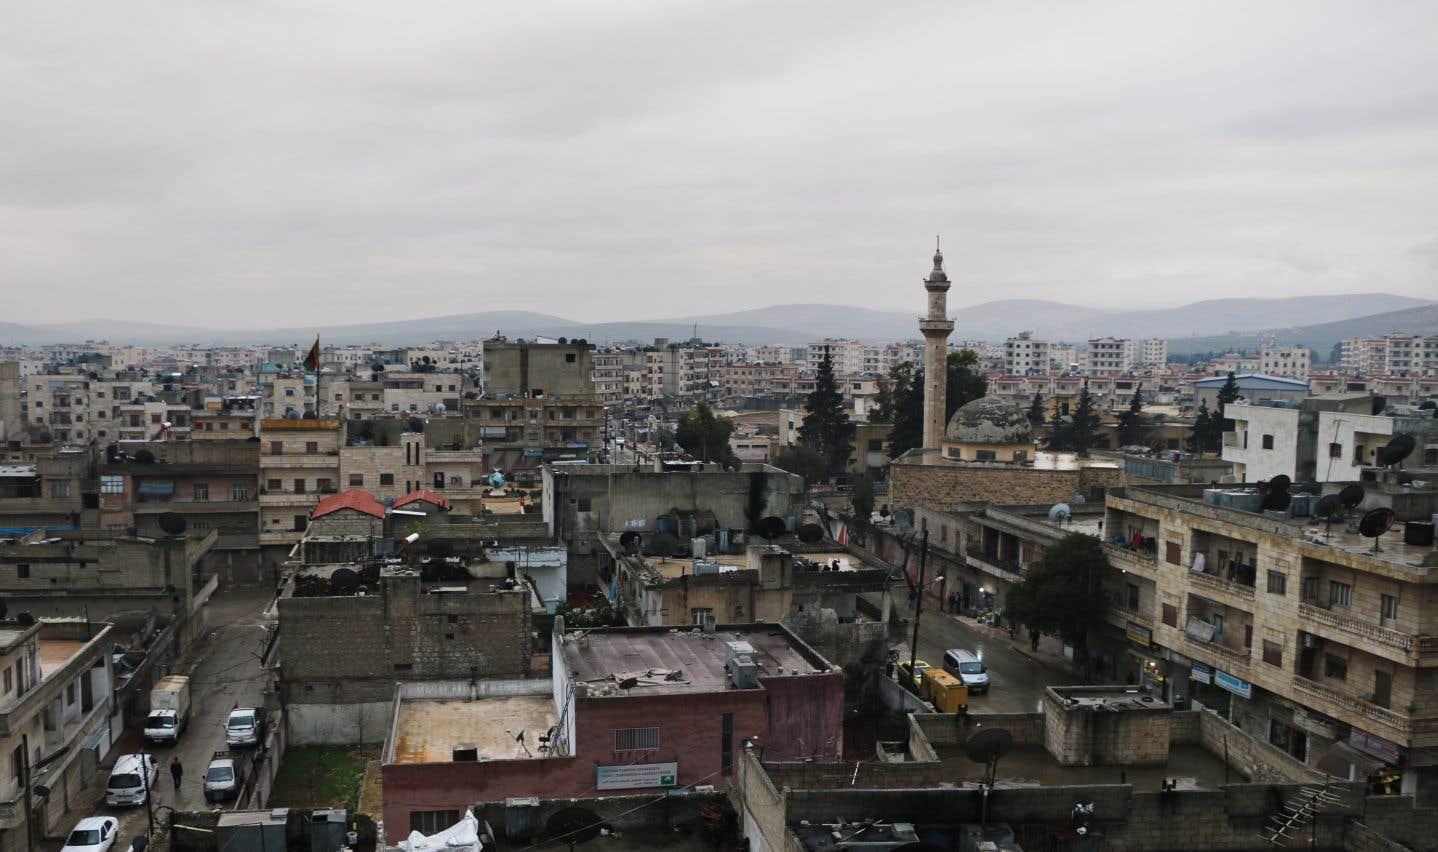 Des miliciens kurdes appellent aux armes en Syrie